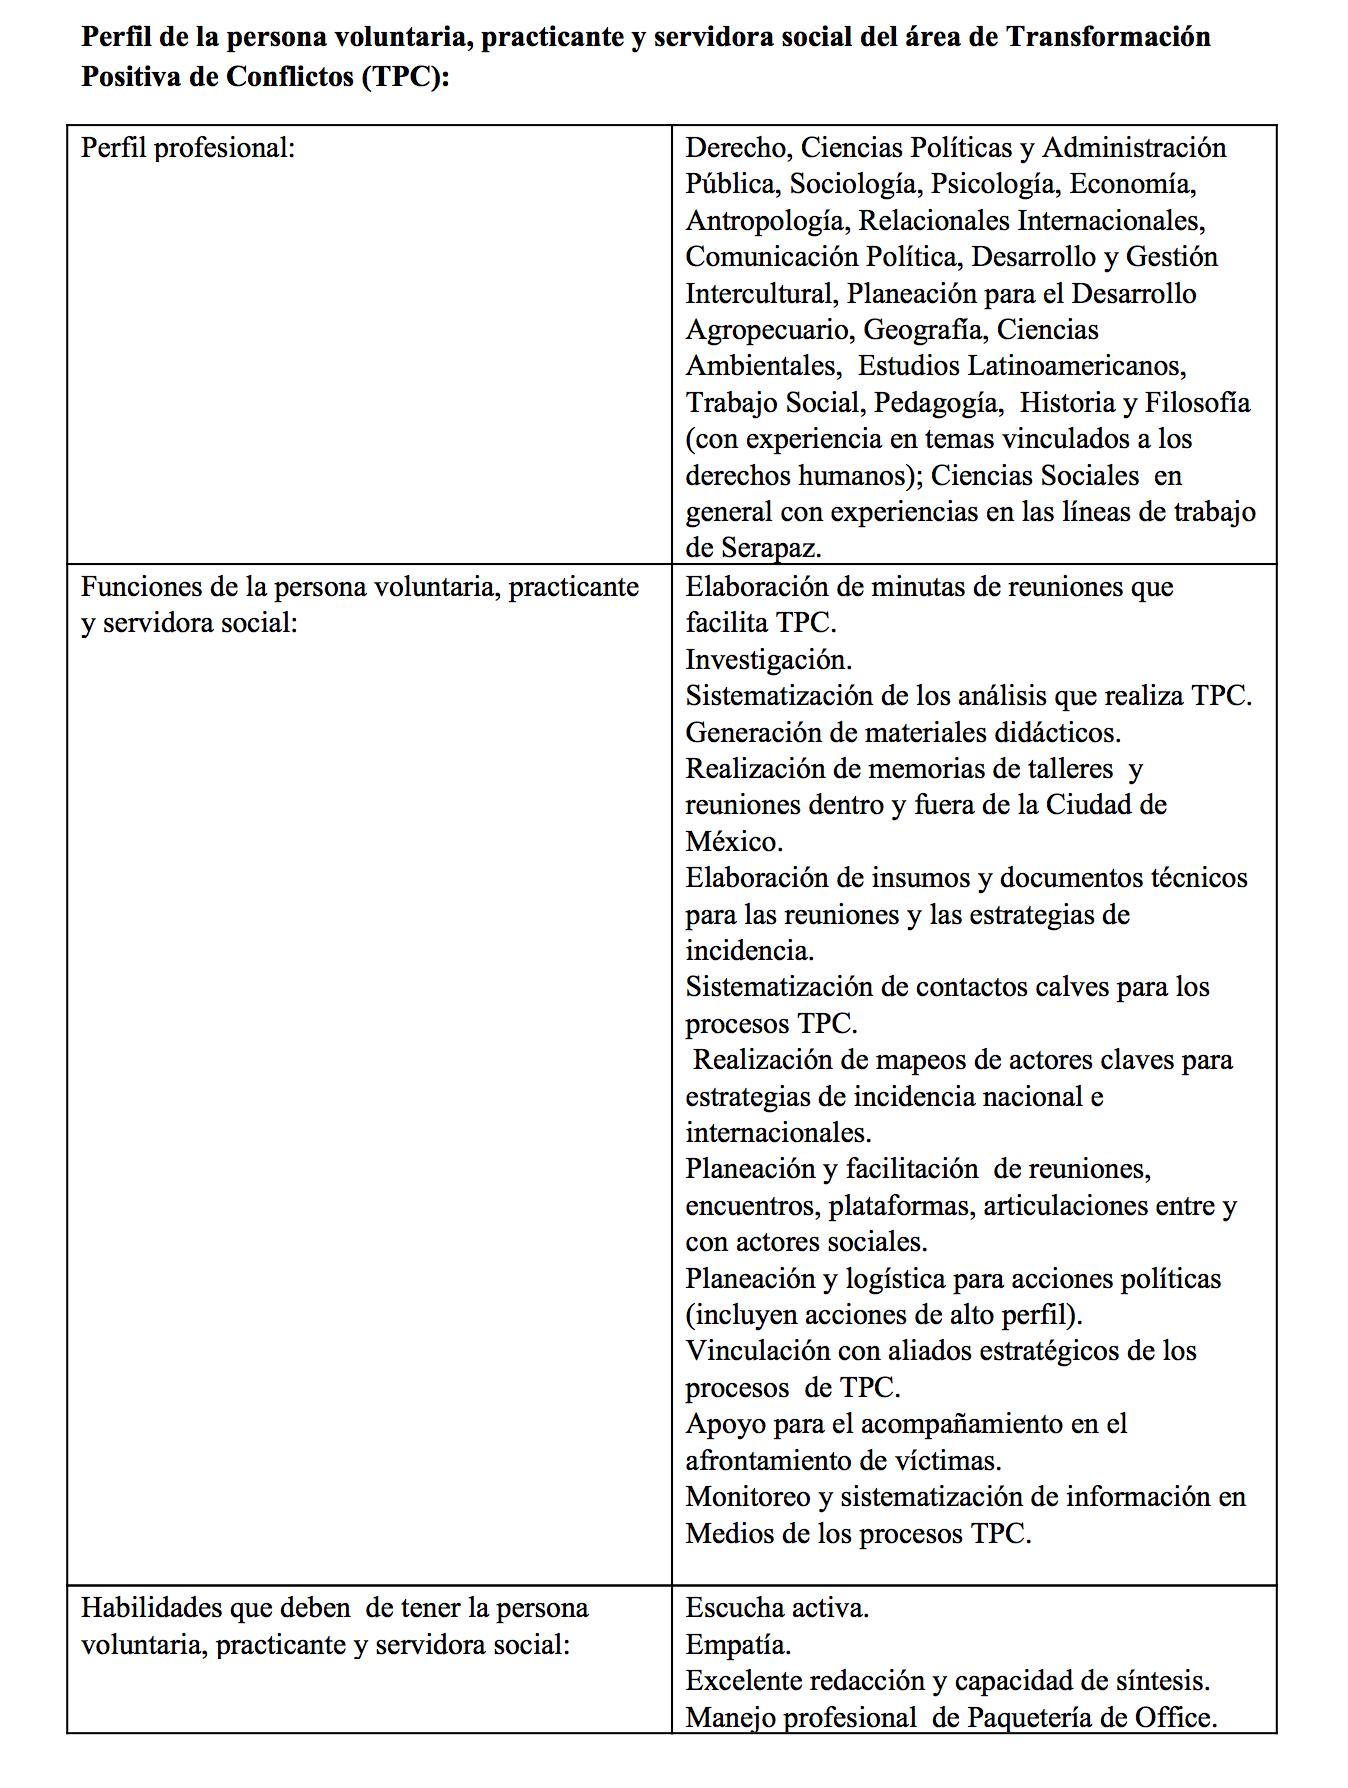 Comunicado de la Comisión Civil de Impulso a la Búsqueda de los 43 Estudiantes Desaparecidos de Ayotzinapa